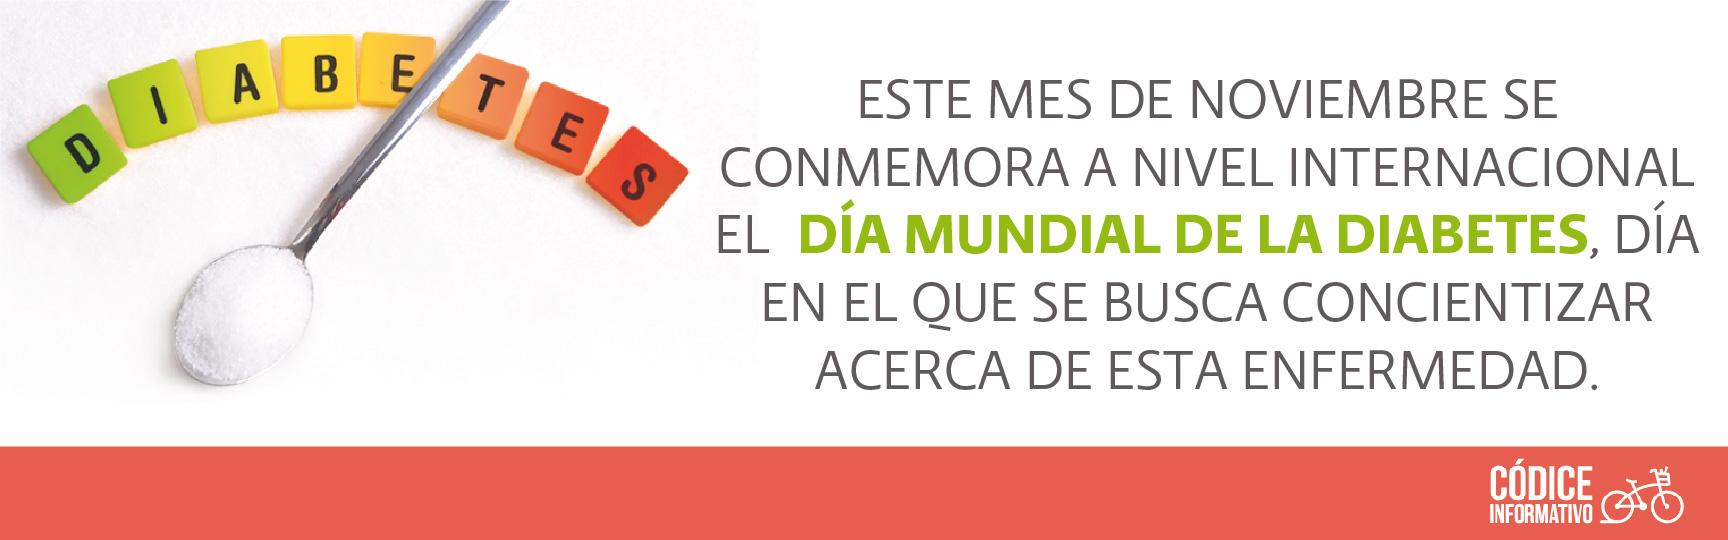 PROMO DIABETES Nuevos-01